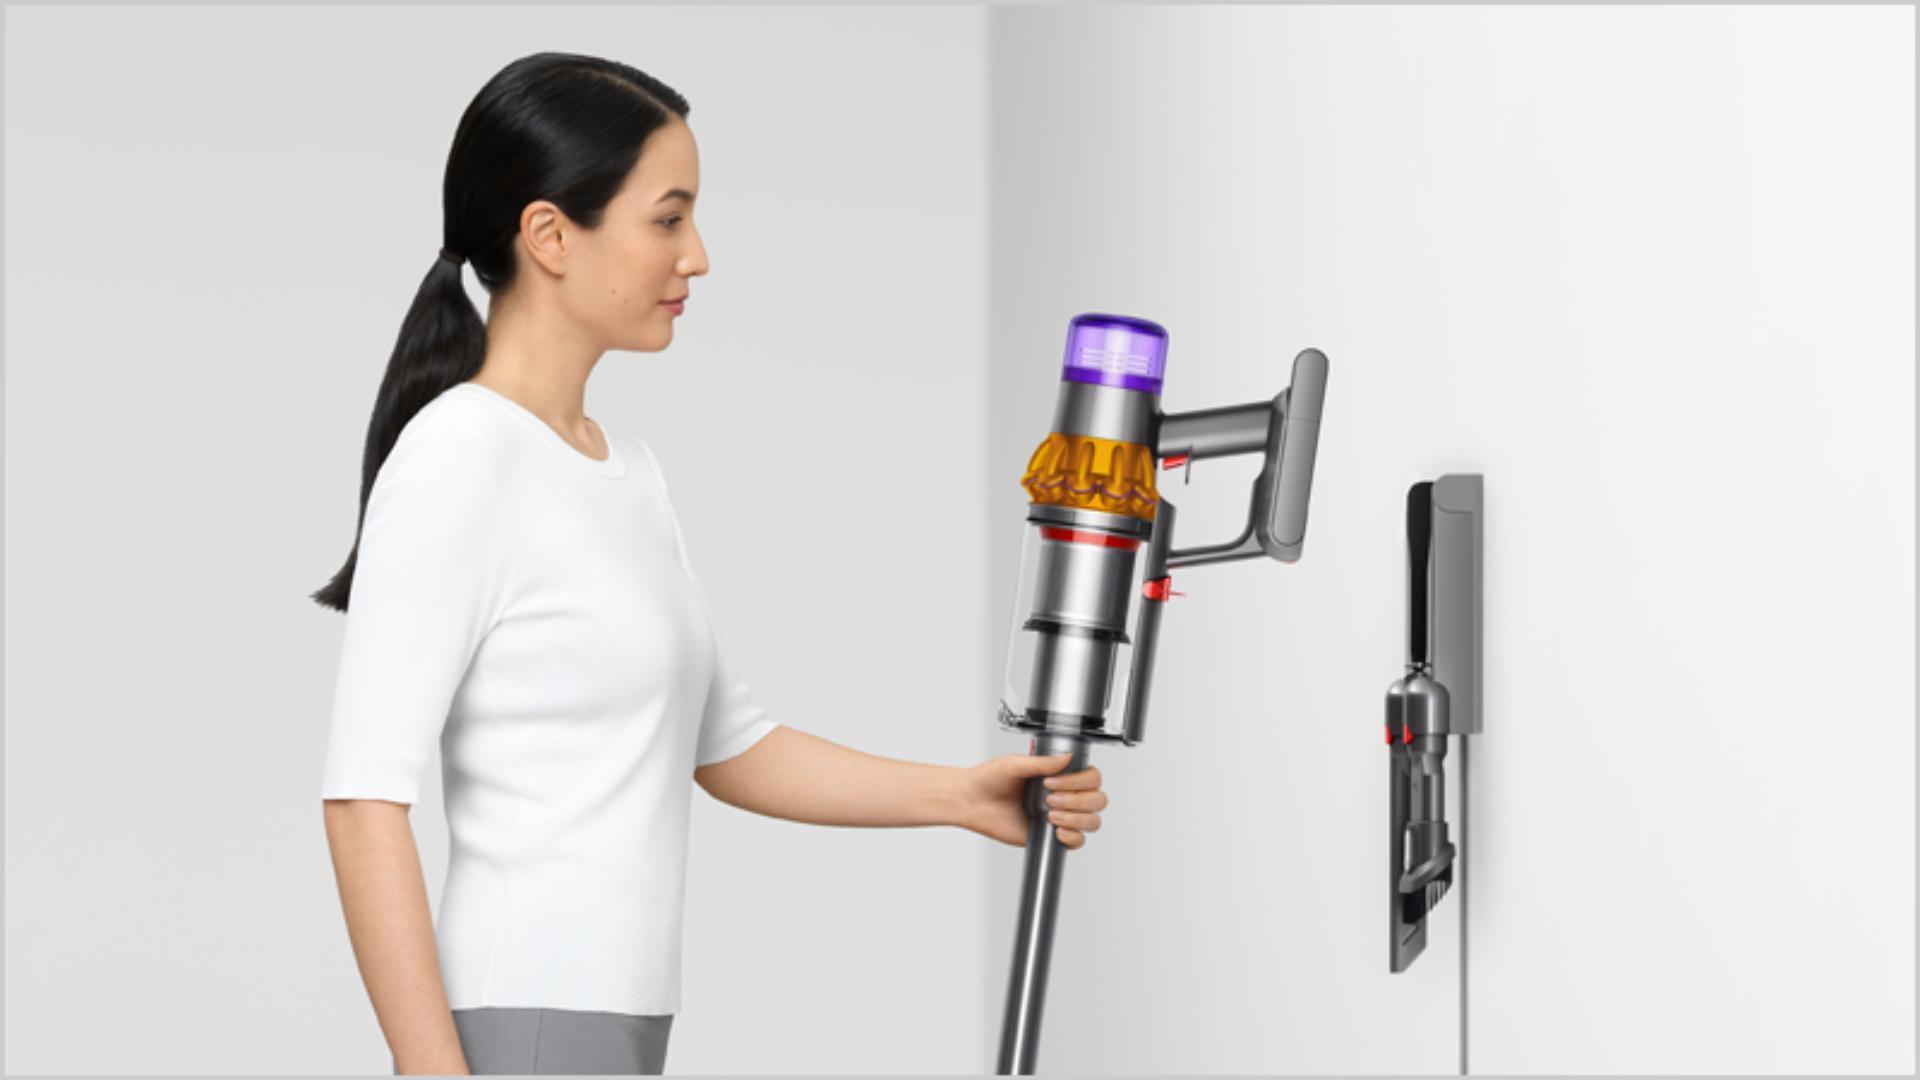 Dyson kablosuz süpürgeyi duvar ünitesine yerleştiren kadın